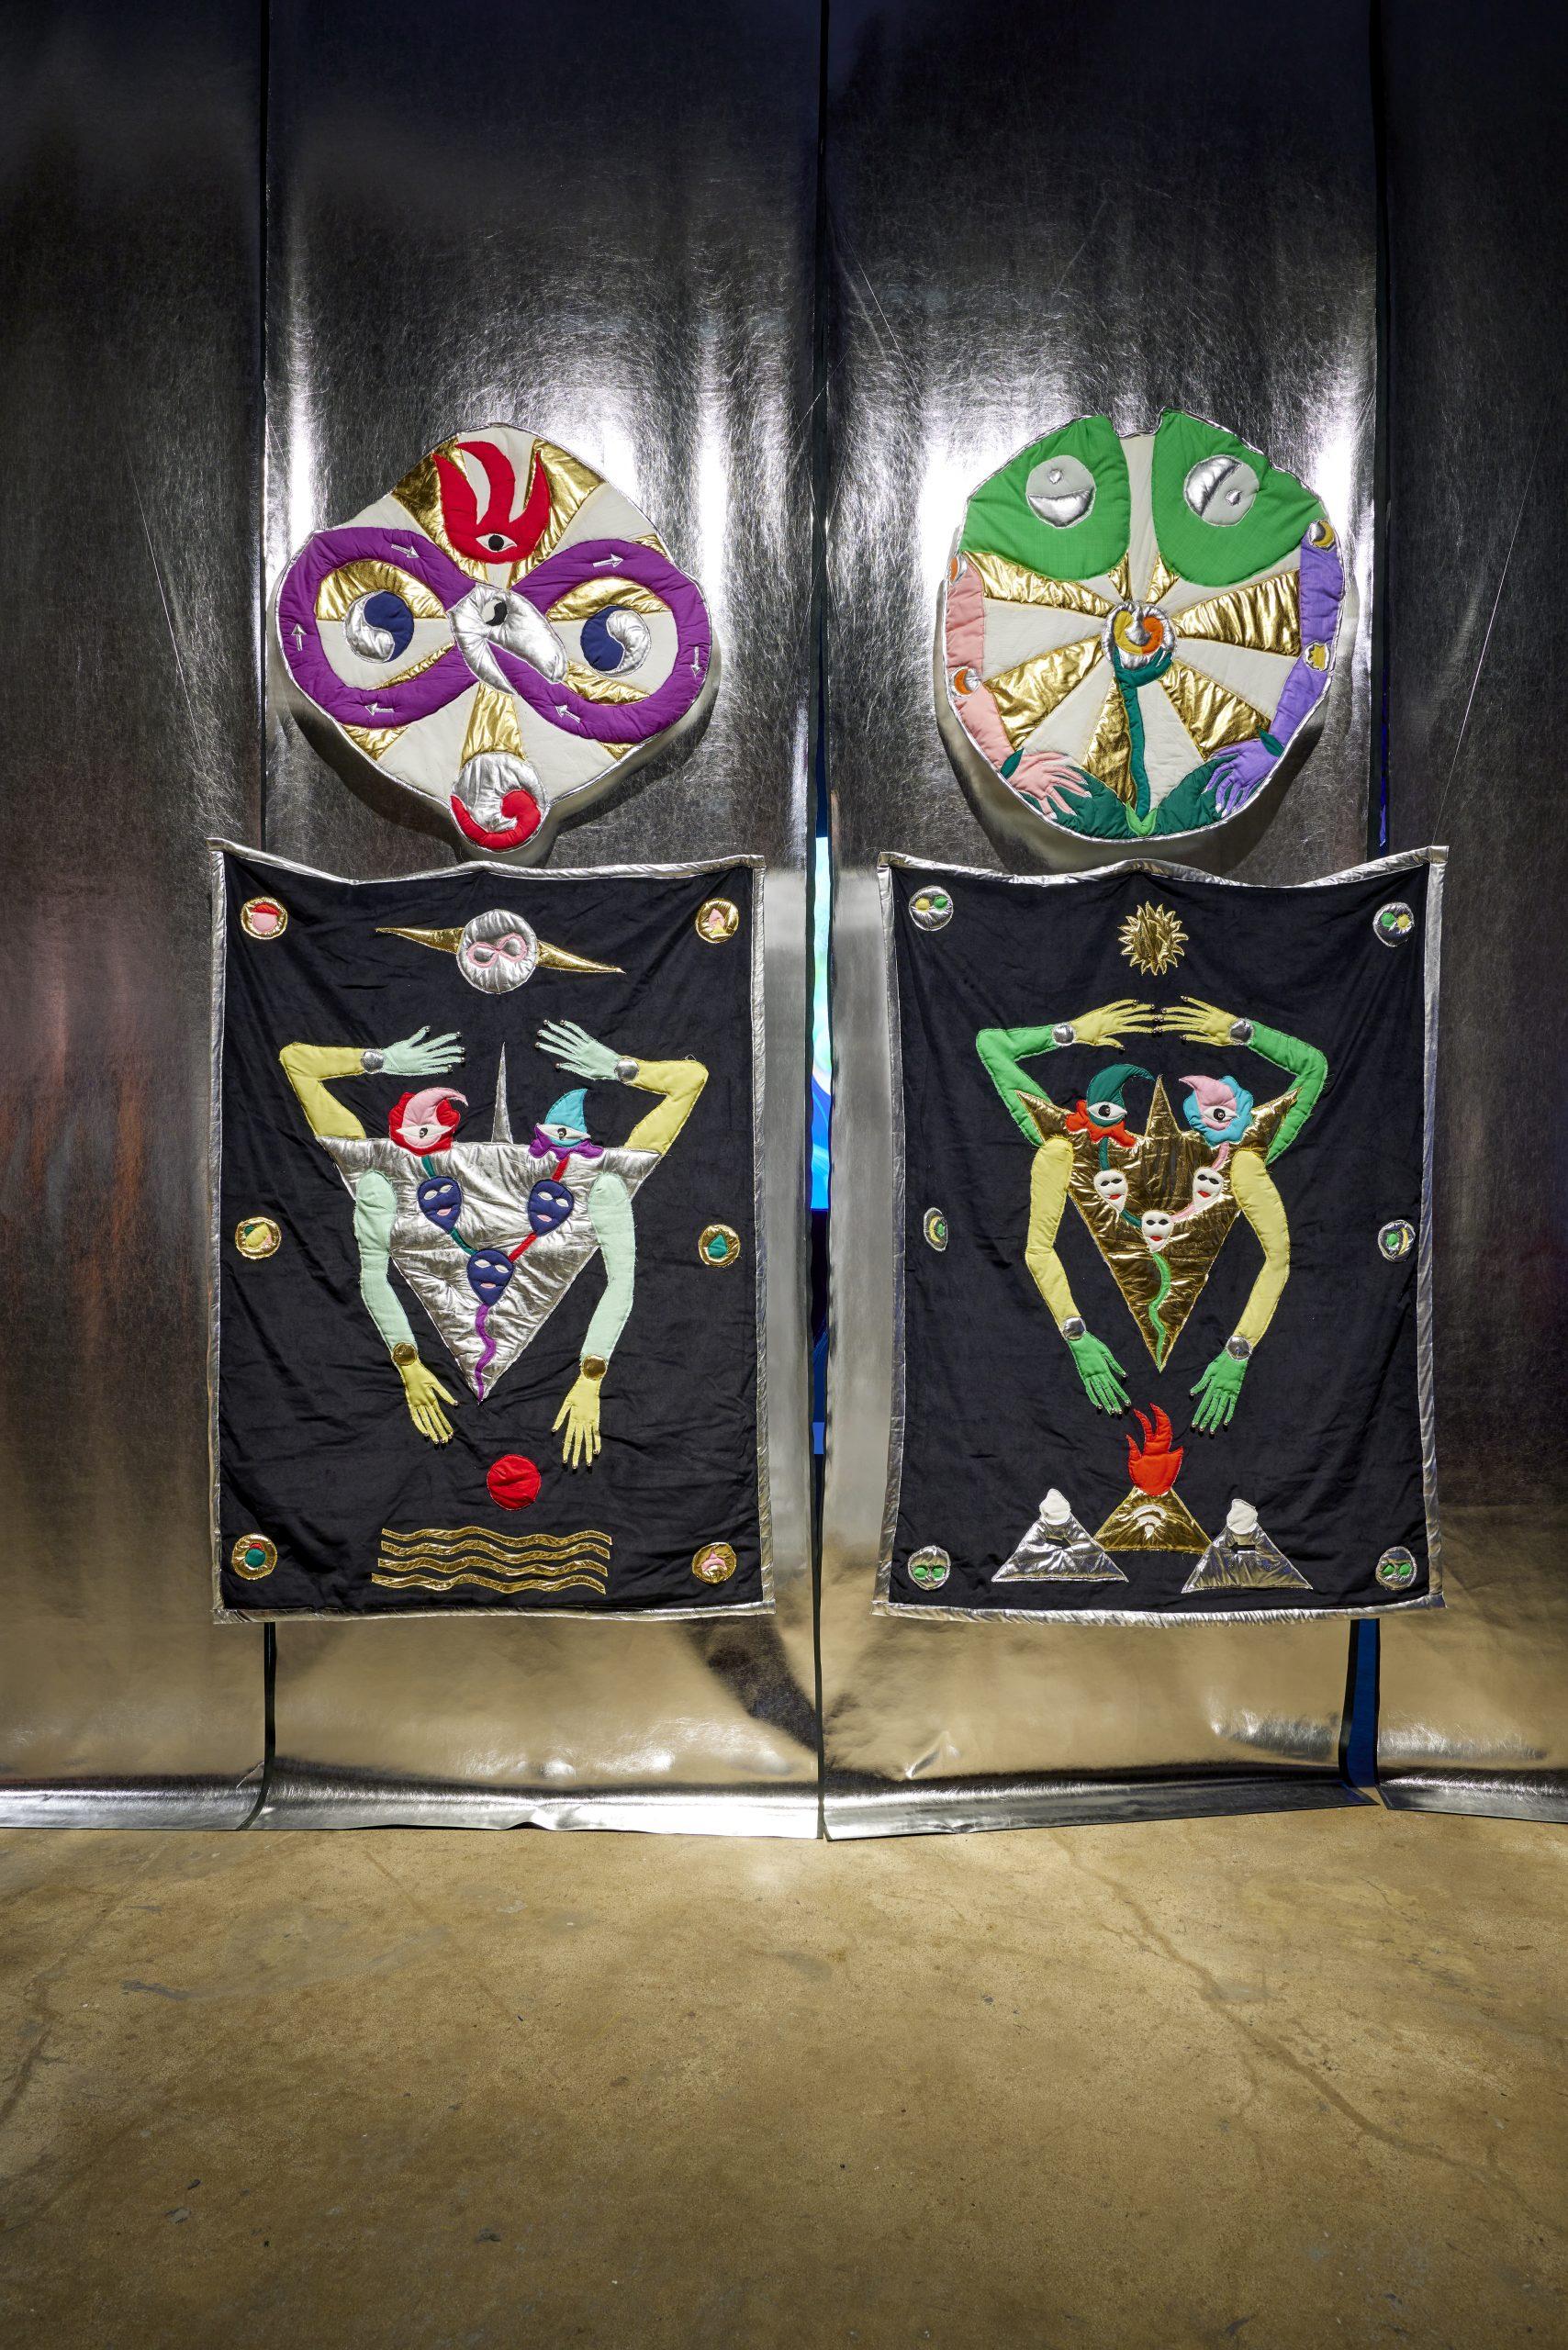 ALCANTARA_13 GWANGJU BIENNALE_9 - Minds Rising, Spirits Tuning Gwangju Biennale